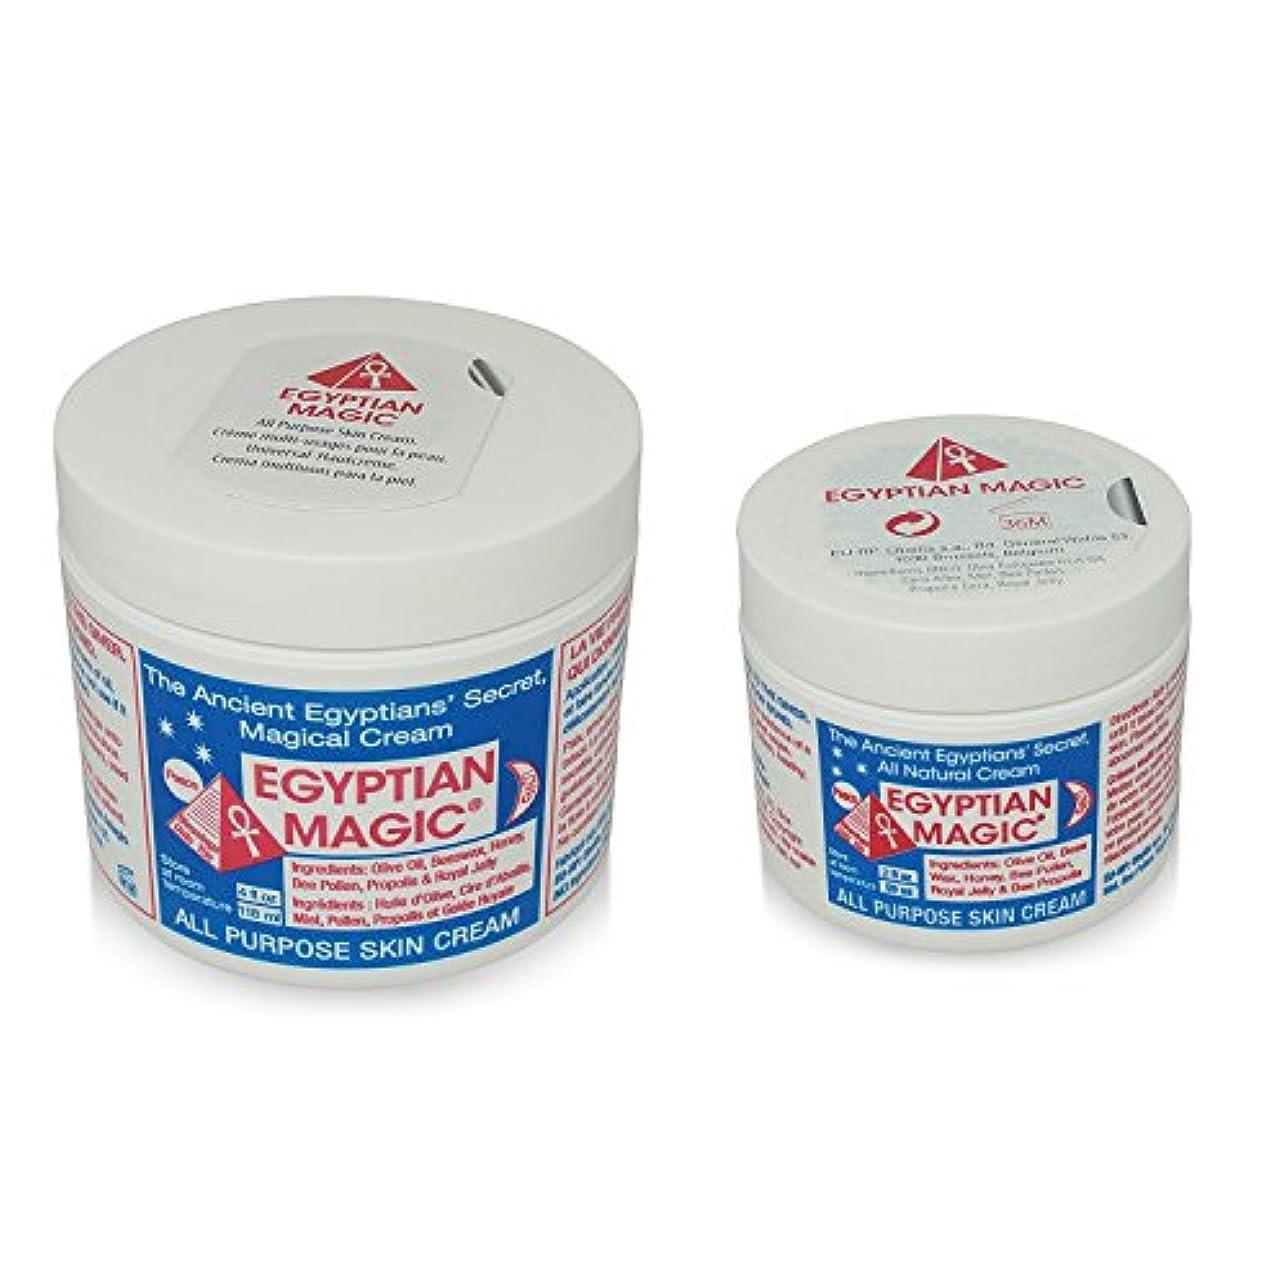 ミルク王女静けさEgyptian Magic Skin Cream エジプシャンマジッククリーム  (118ml)と(59ml)の2個セット